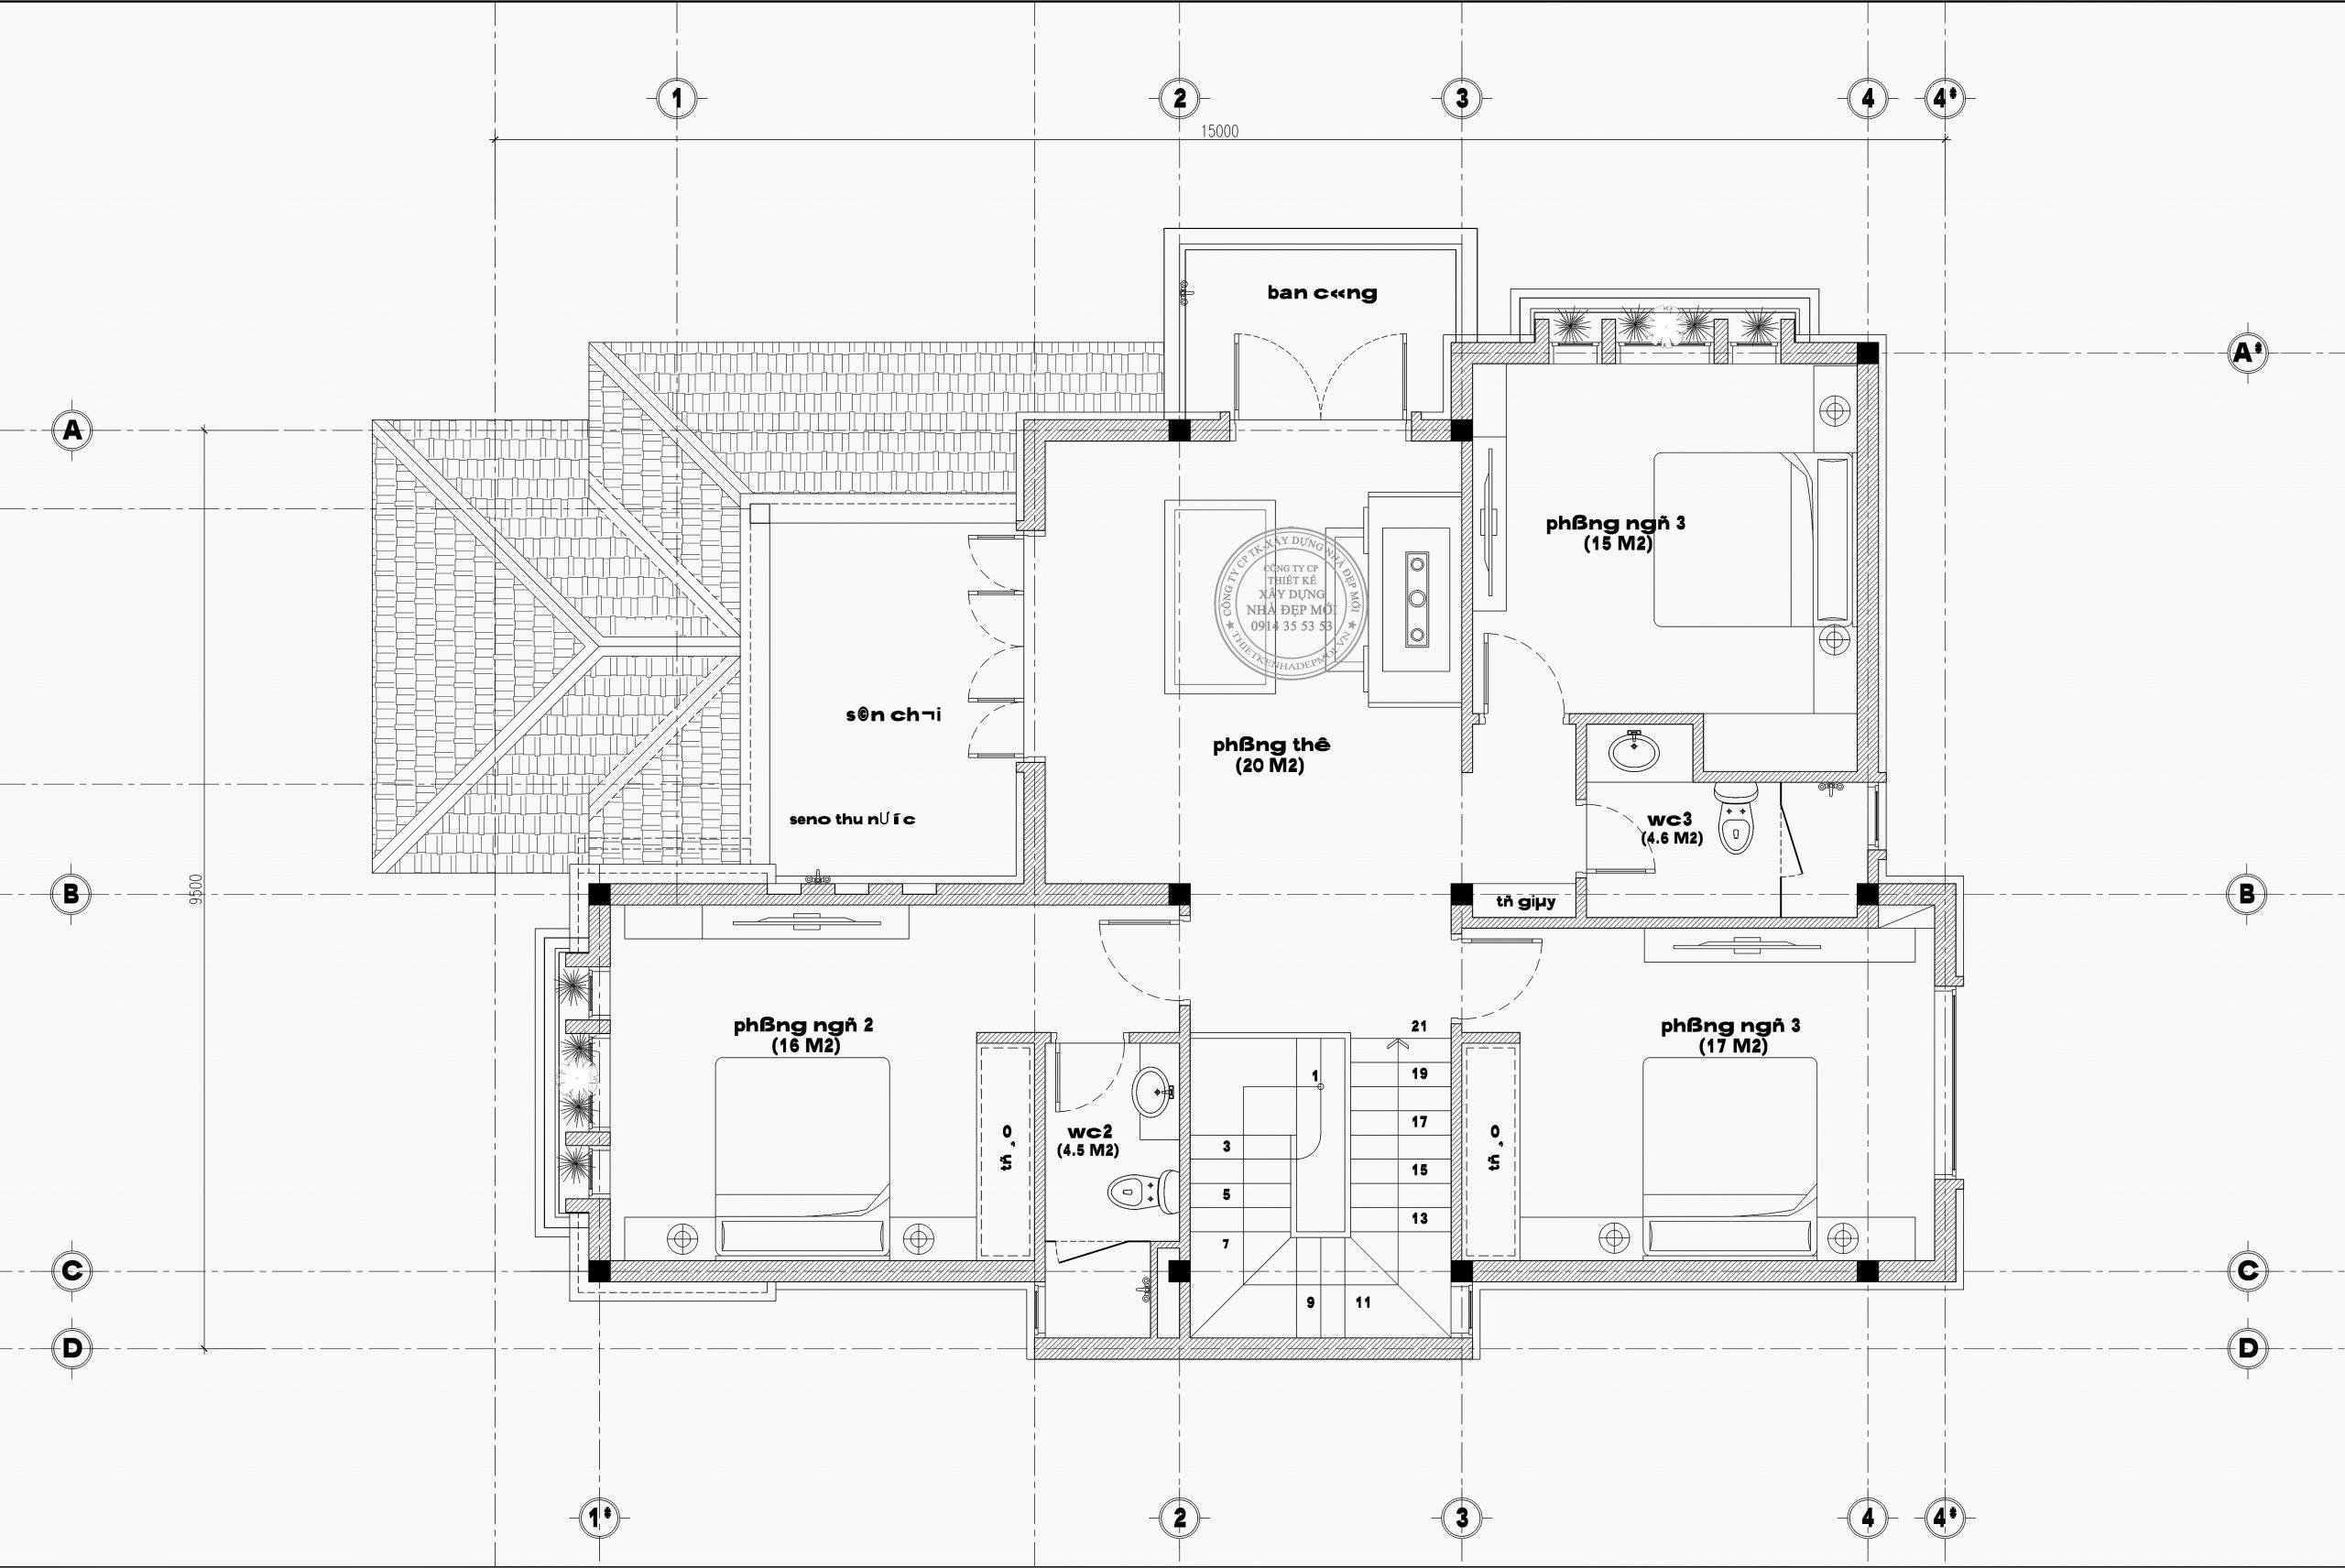 Bảng vẽ tầng 2